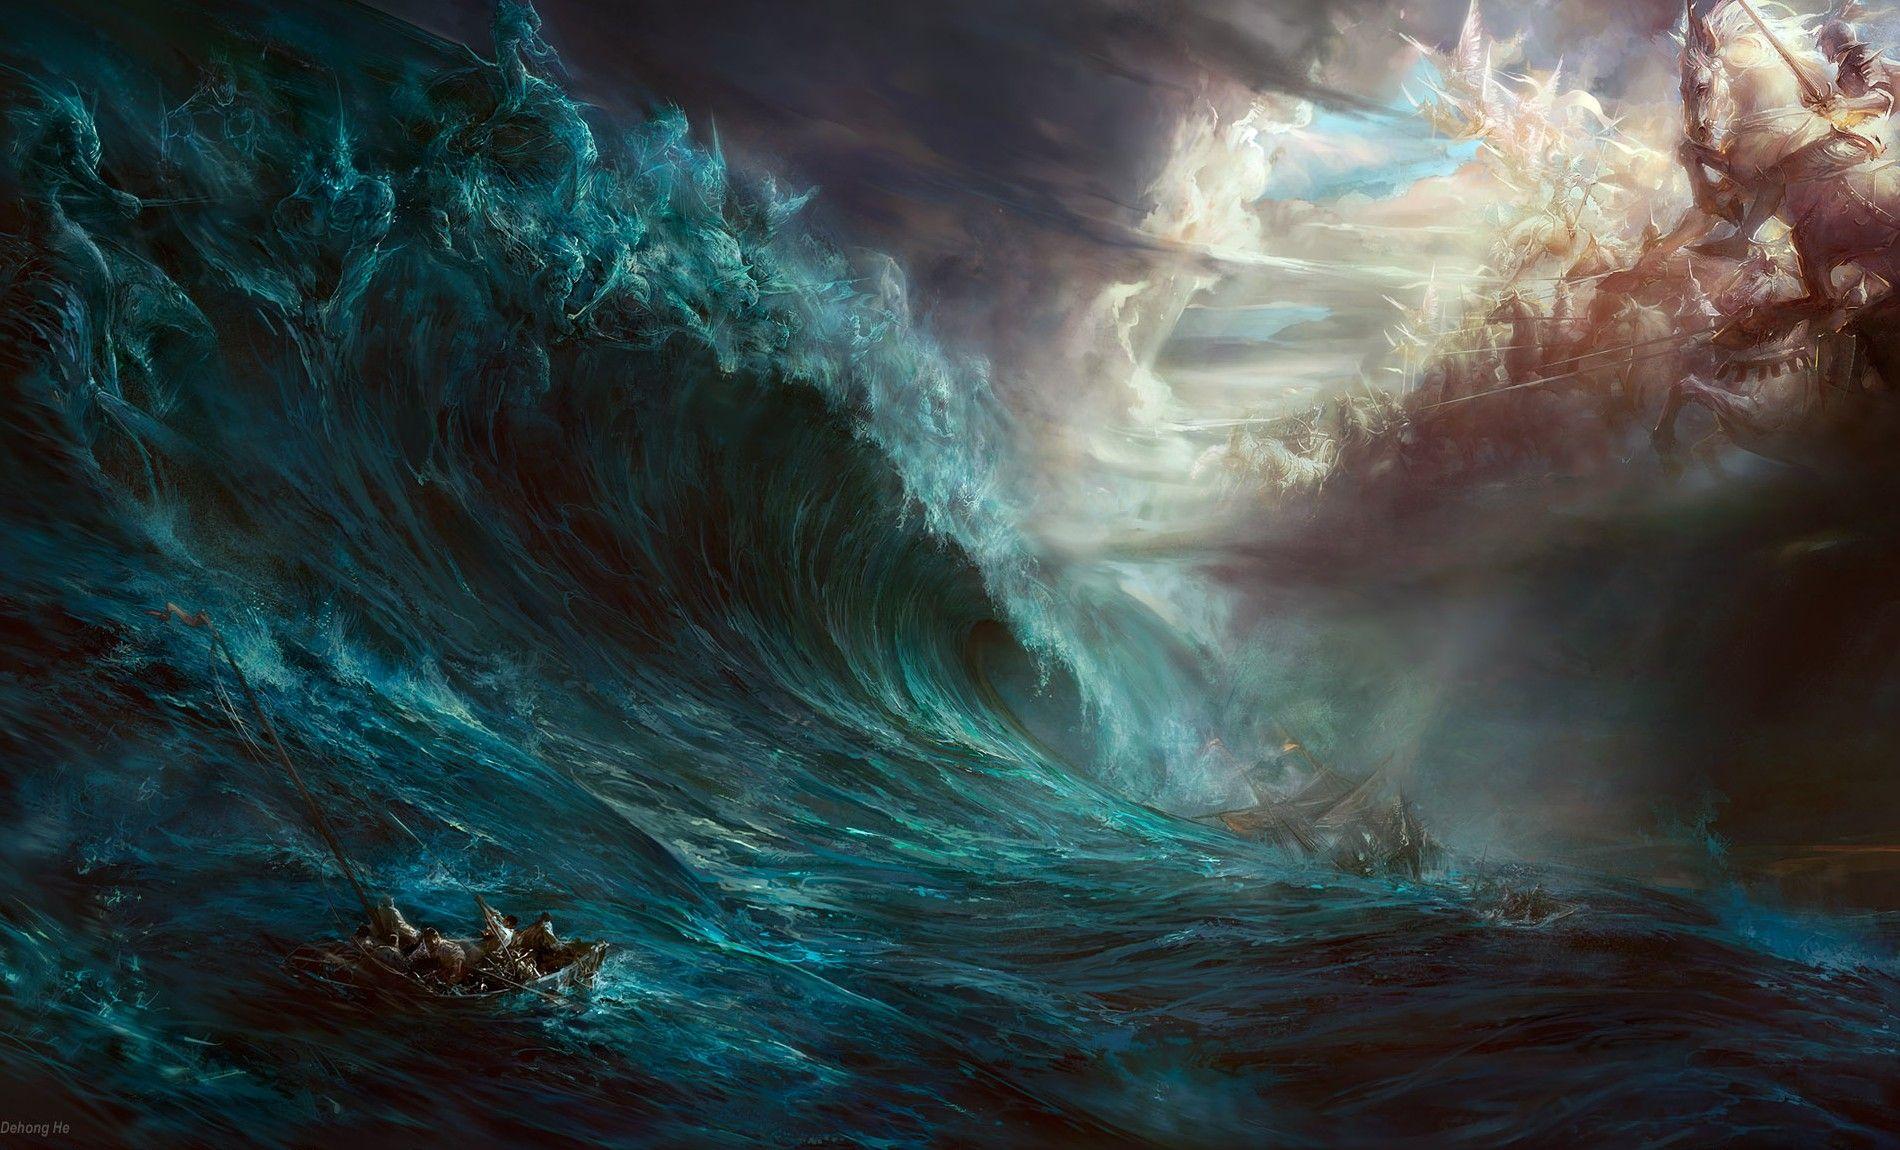 Fantasy ship cliff jolly roger pirate ship rock lightning wallpaper - Fantasy Wallpaper 204